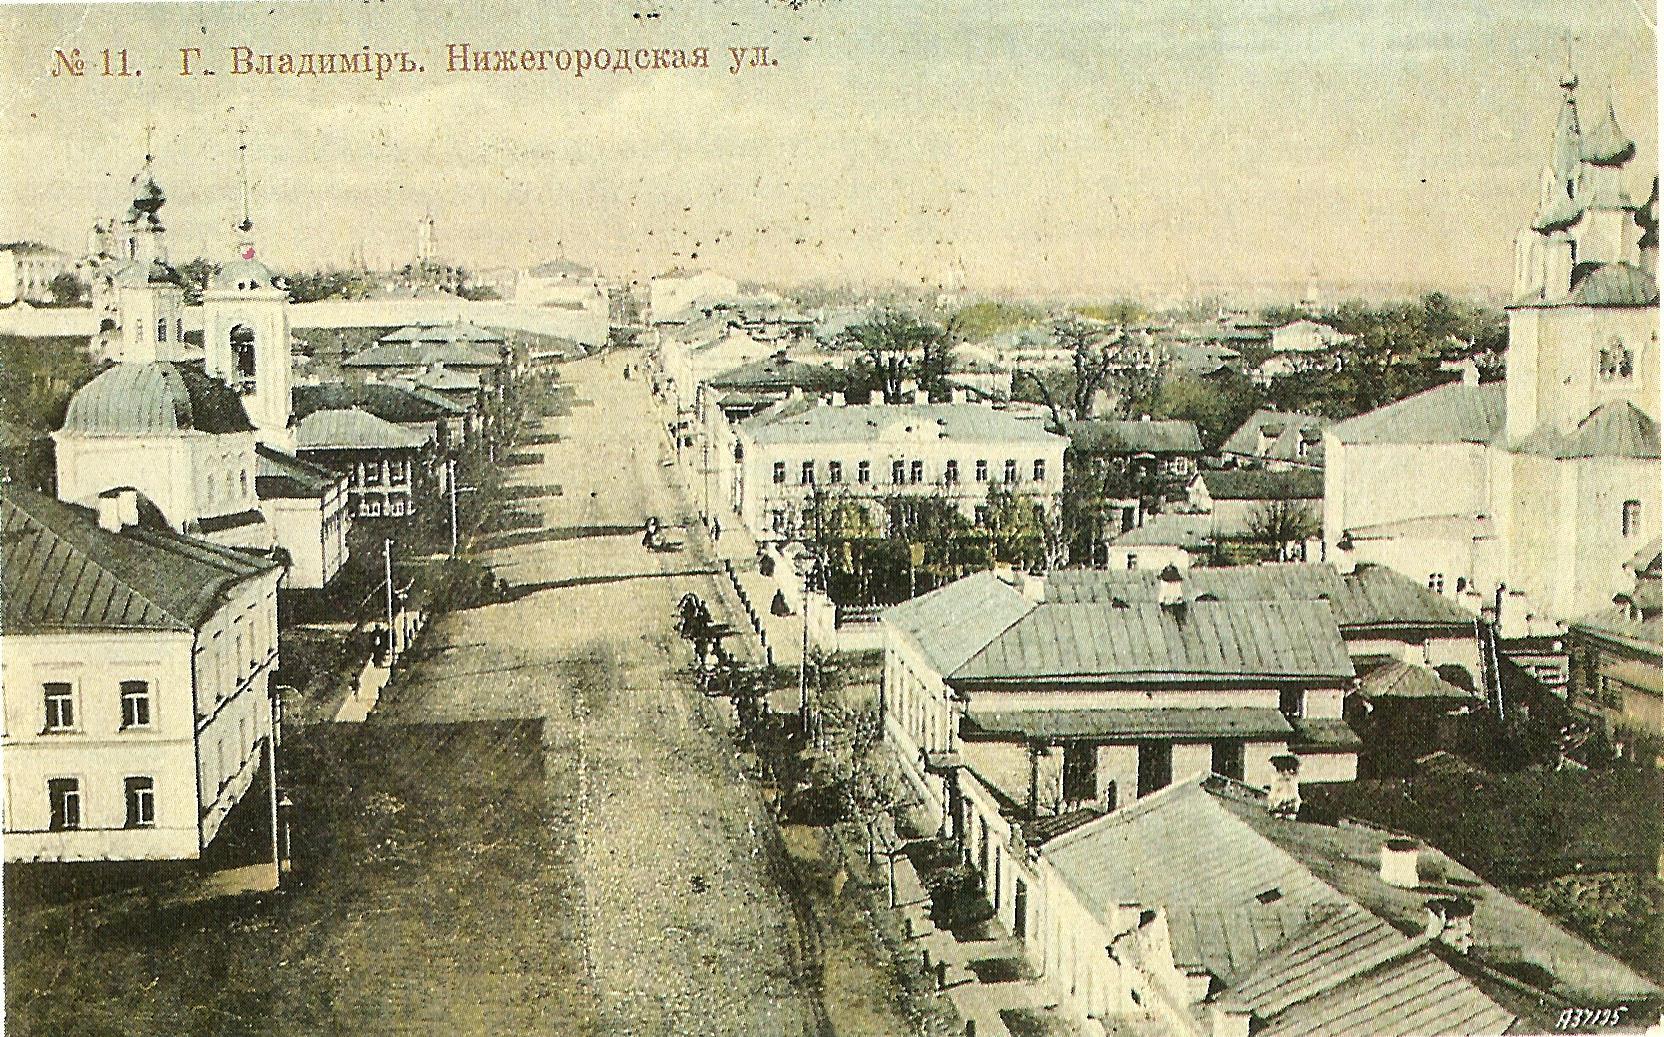 Нижегородская улица. Богословская и Ильинская церкви